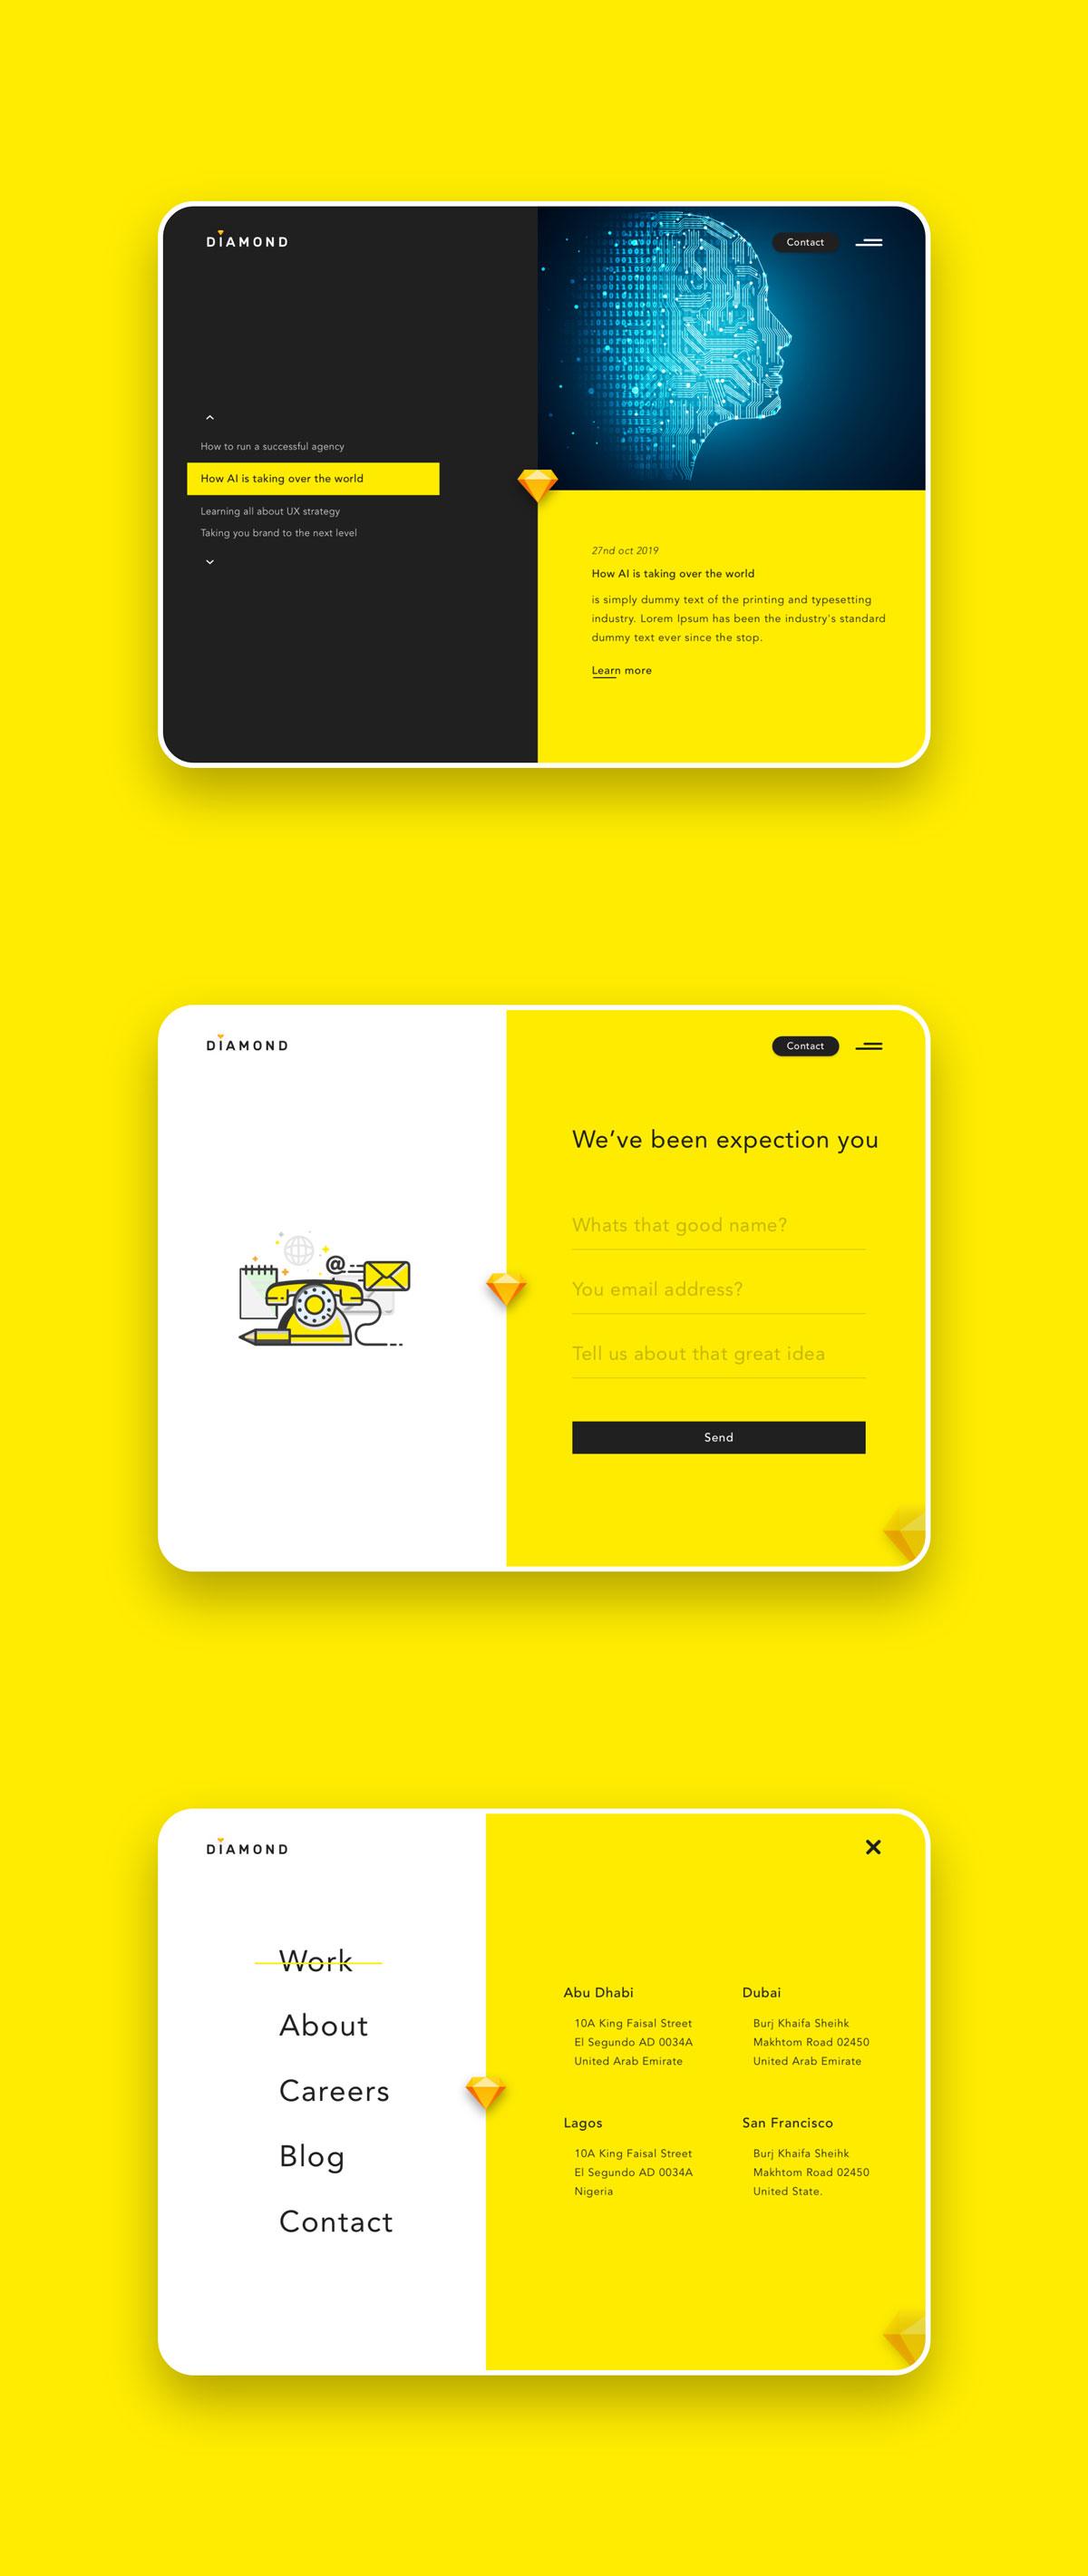 创意简洁公司网站WEB UI界面设计模板套件 Diamond UI Web Template插图(7)